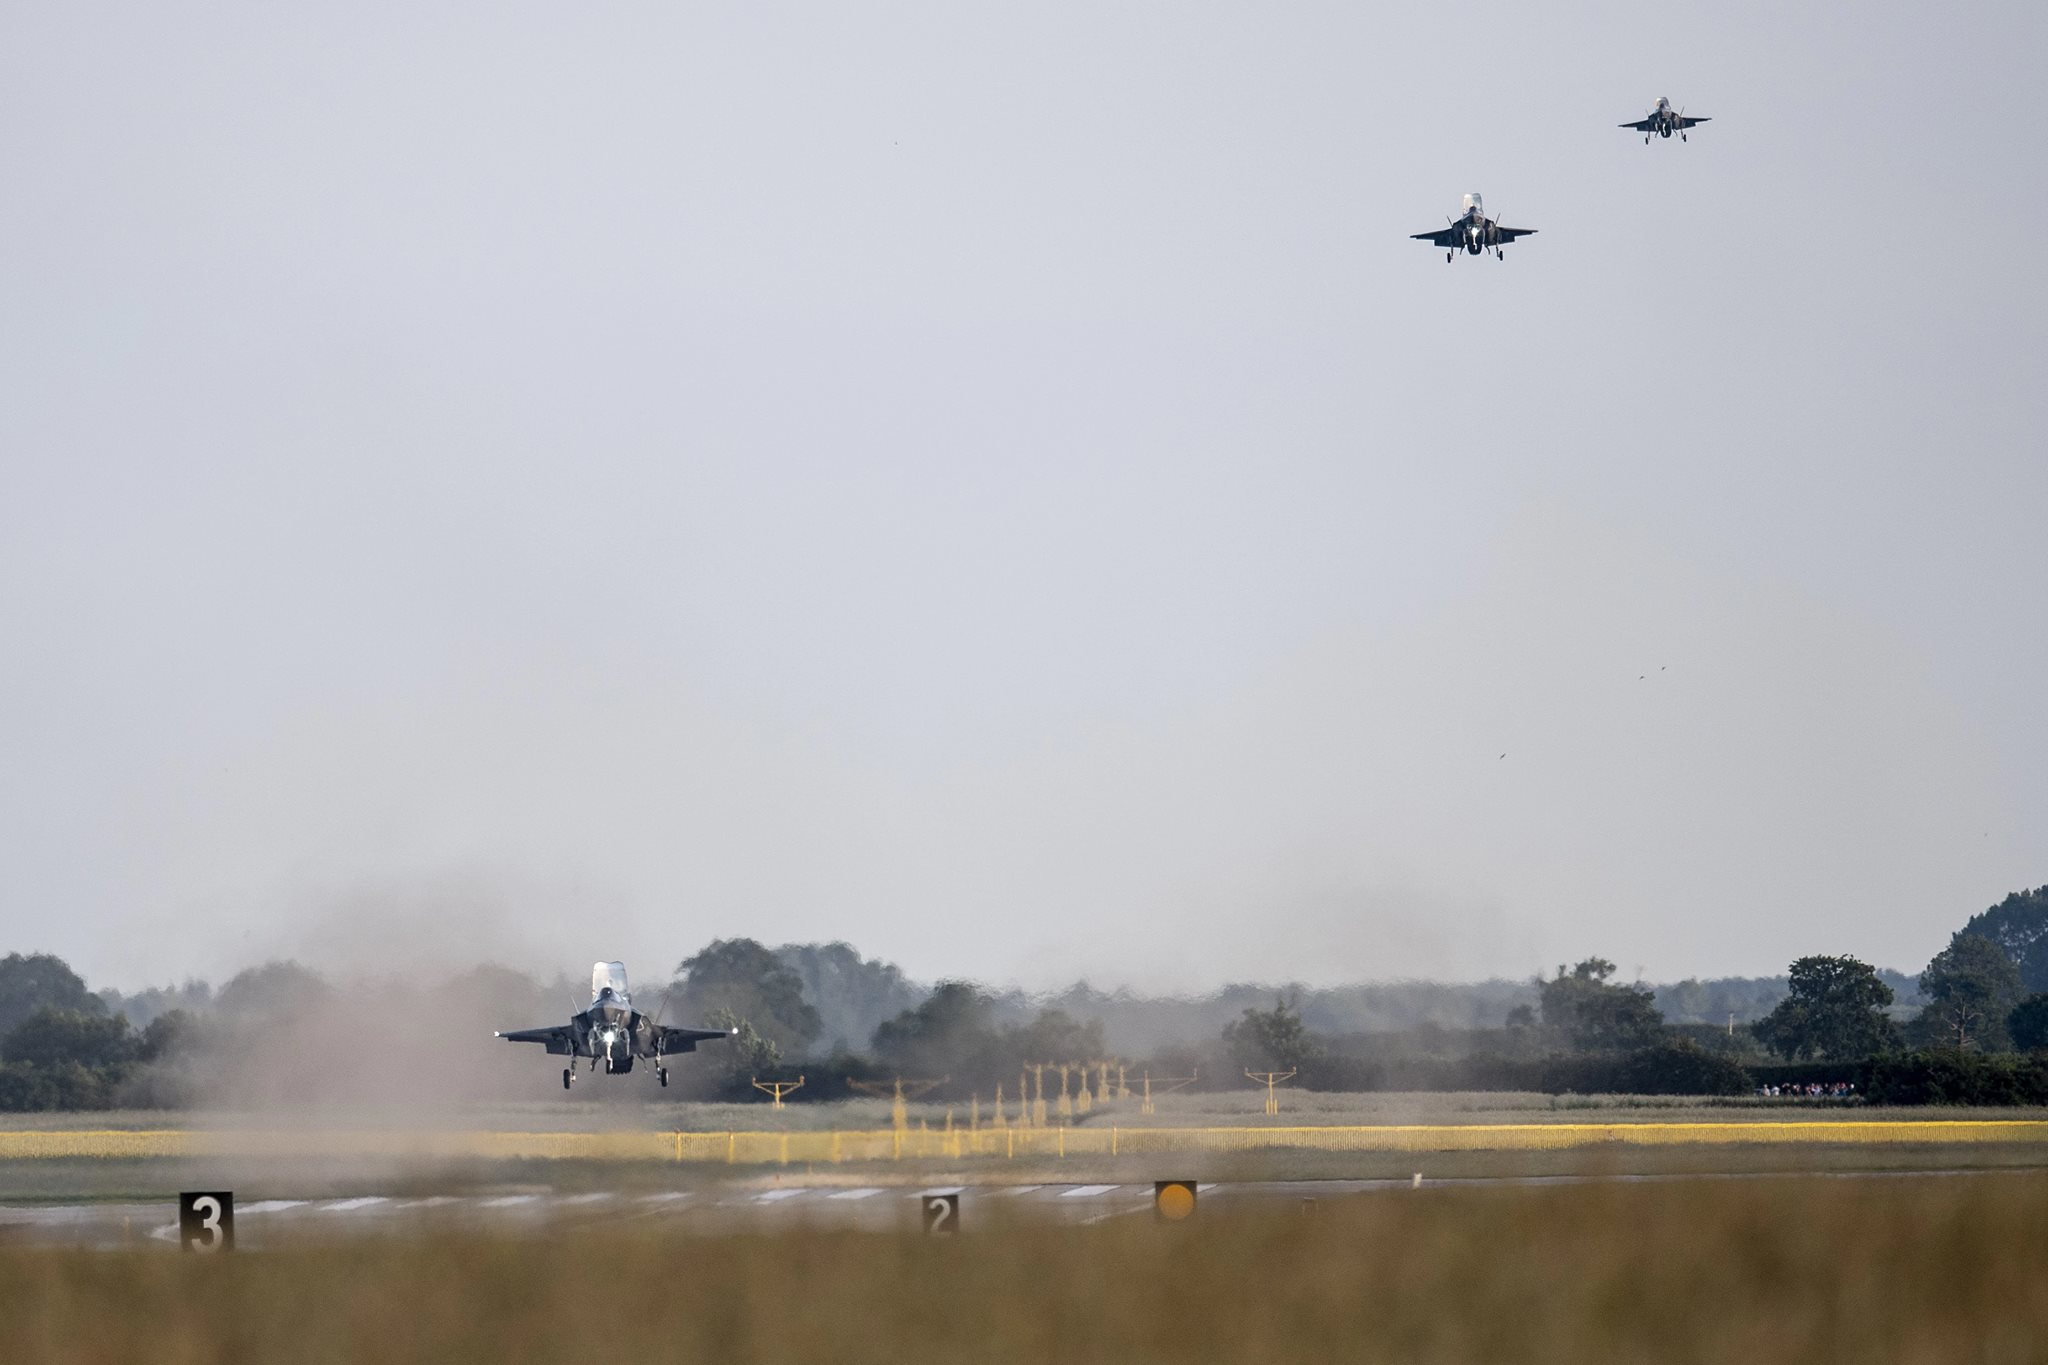 Четыре первых британских истребителя F-35B прибыли в Великобританию Великобритании, Мархэм, Martin, Lightning, номера, британской, авиабазе, 06062018, британских, истребителя, Lockheed, эскадрилья, военные, состава, эскадрильи, время, британские, Четыре, ZM145, Airbus